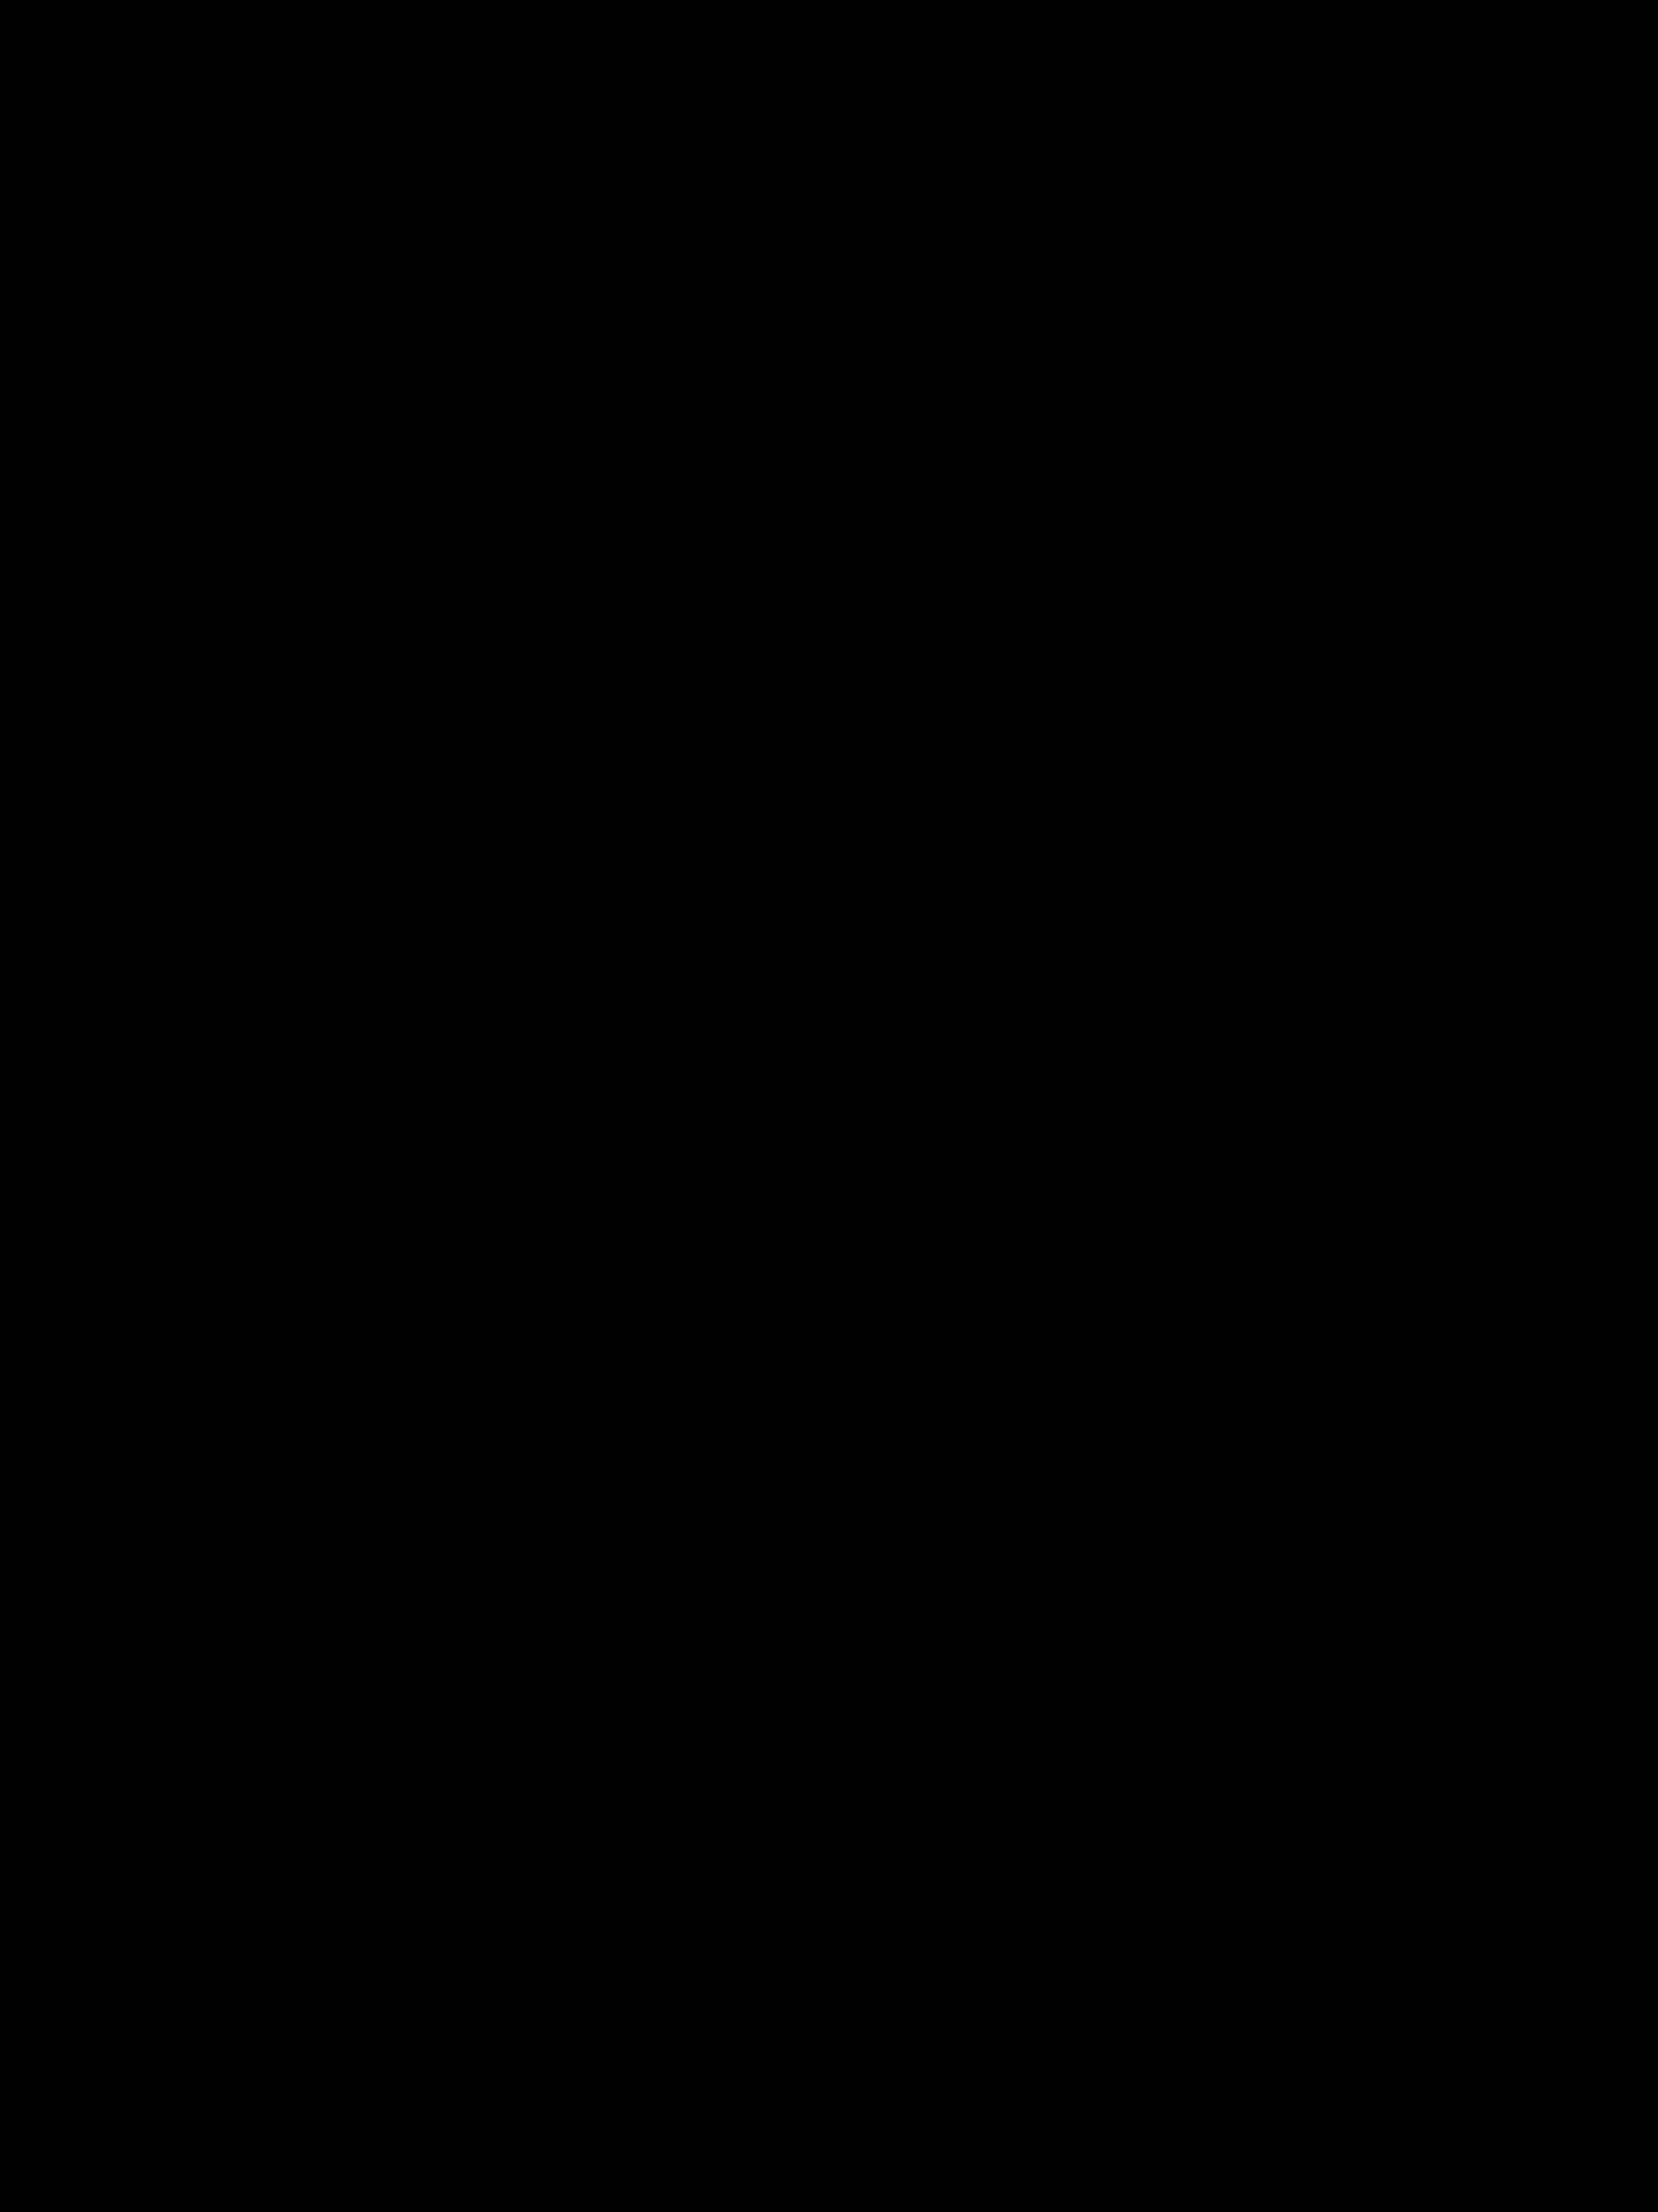 Ipad Vertical_2048x2732_Heart Arrows_Black.png